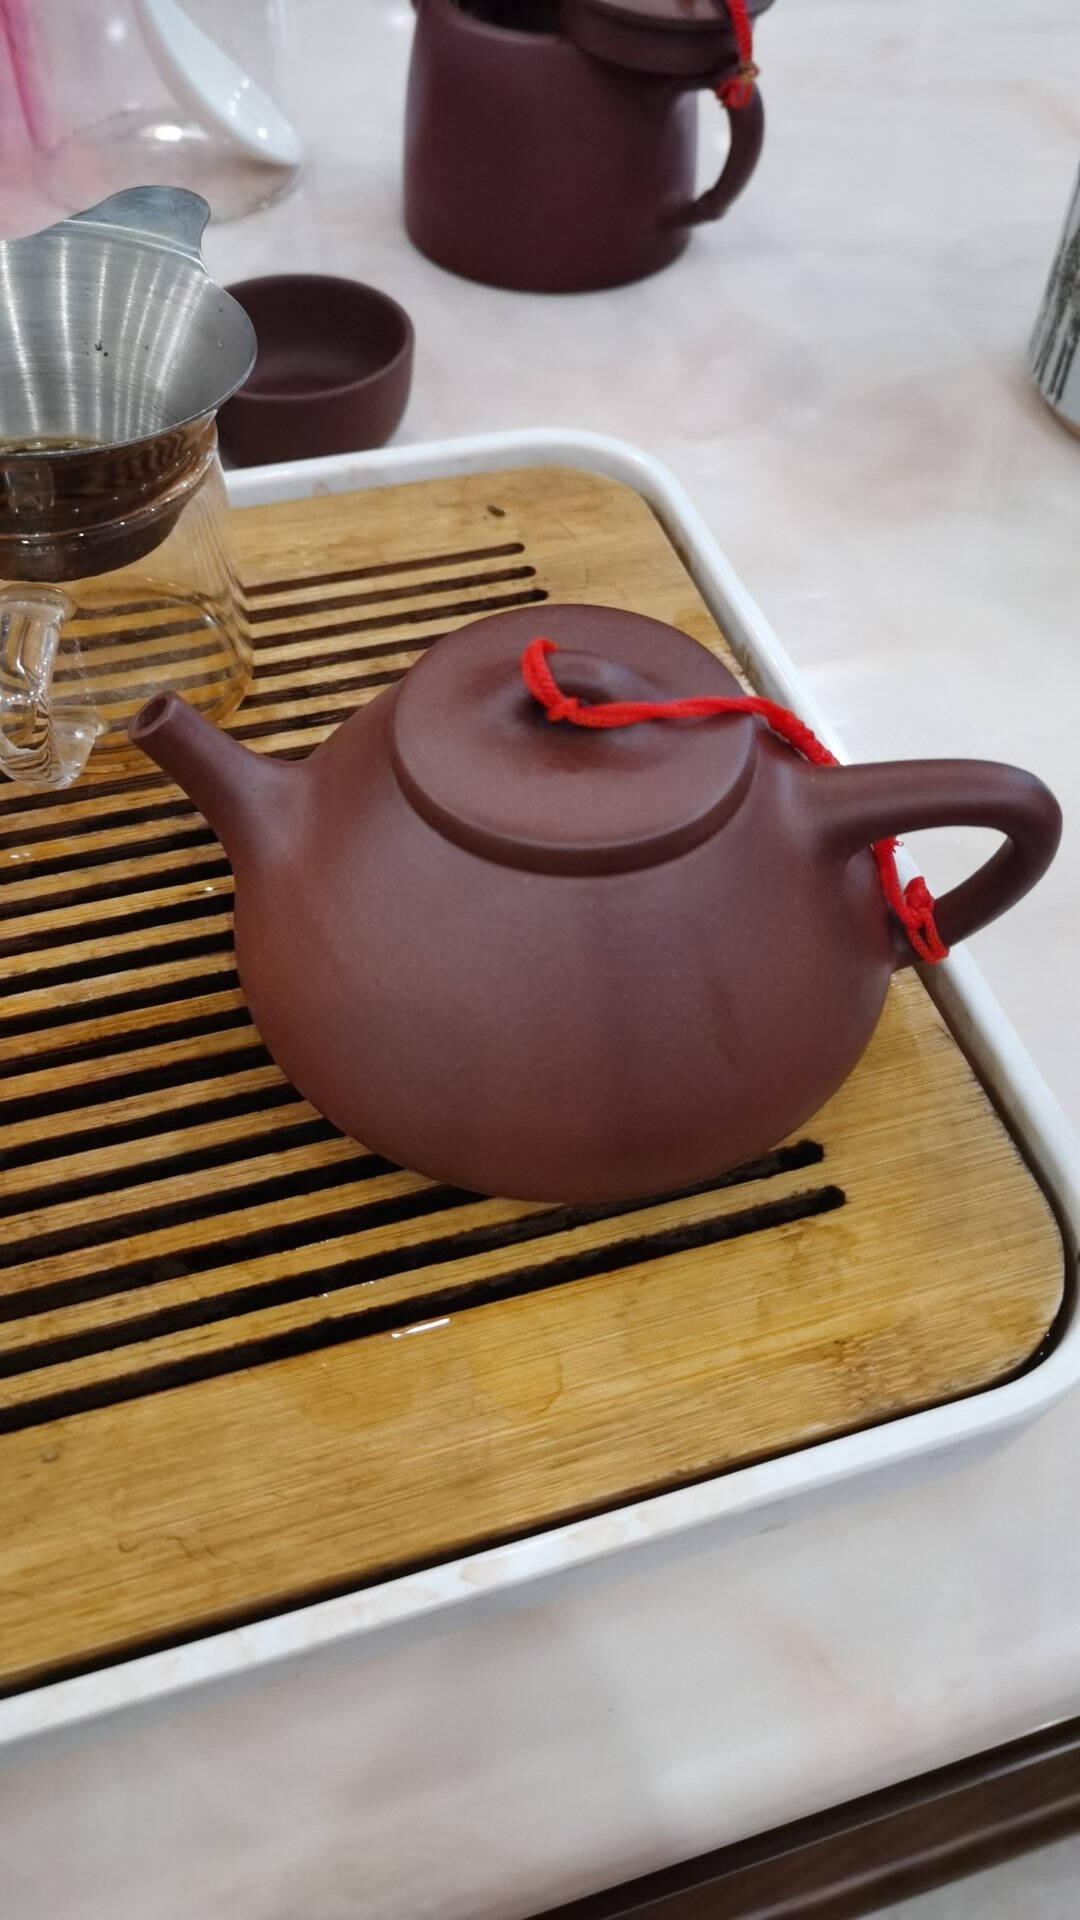 吉羊宜兴紫砂壶茶壶纯手工茶壶功夫茶具原矿底槽清子冶石瓢壶200ml